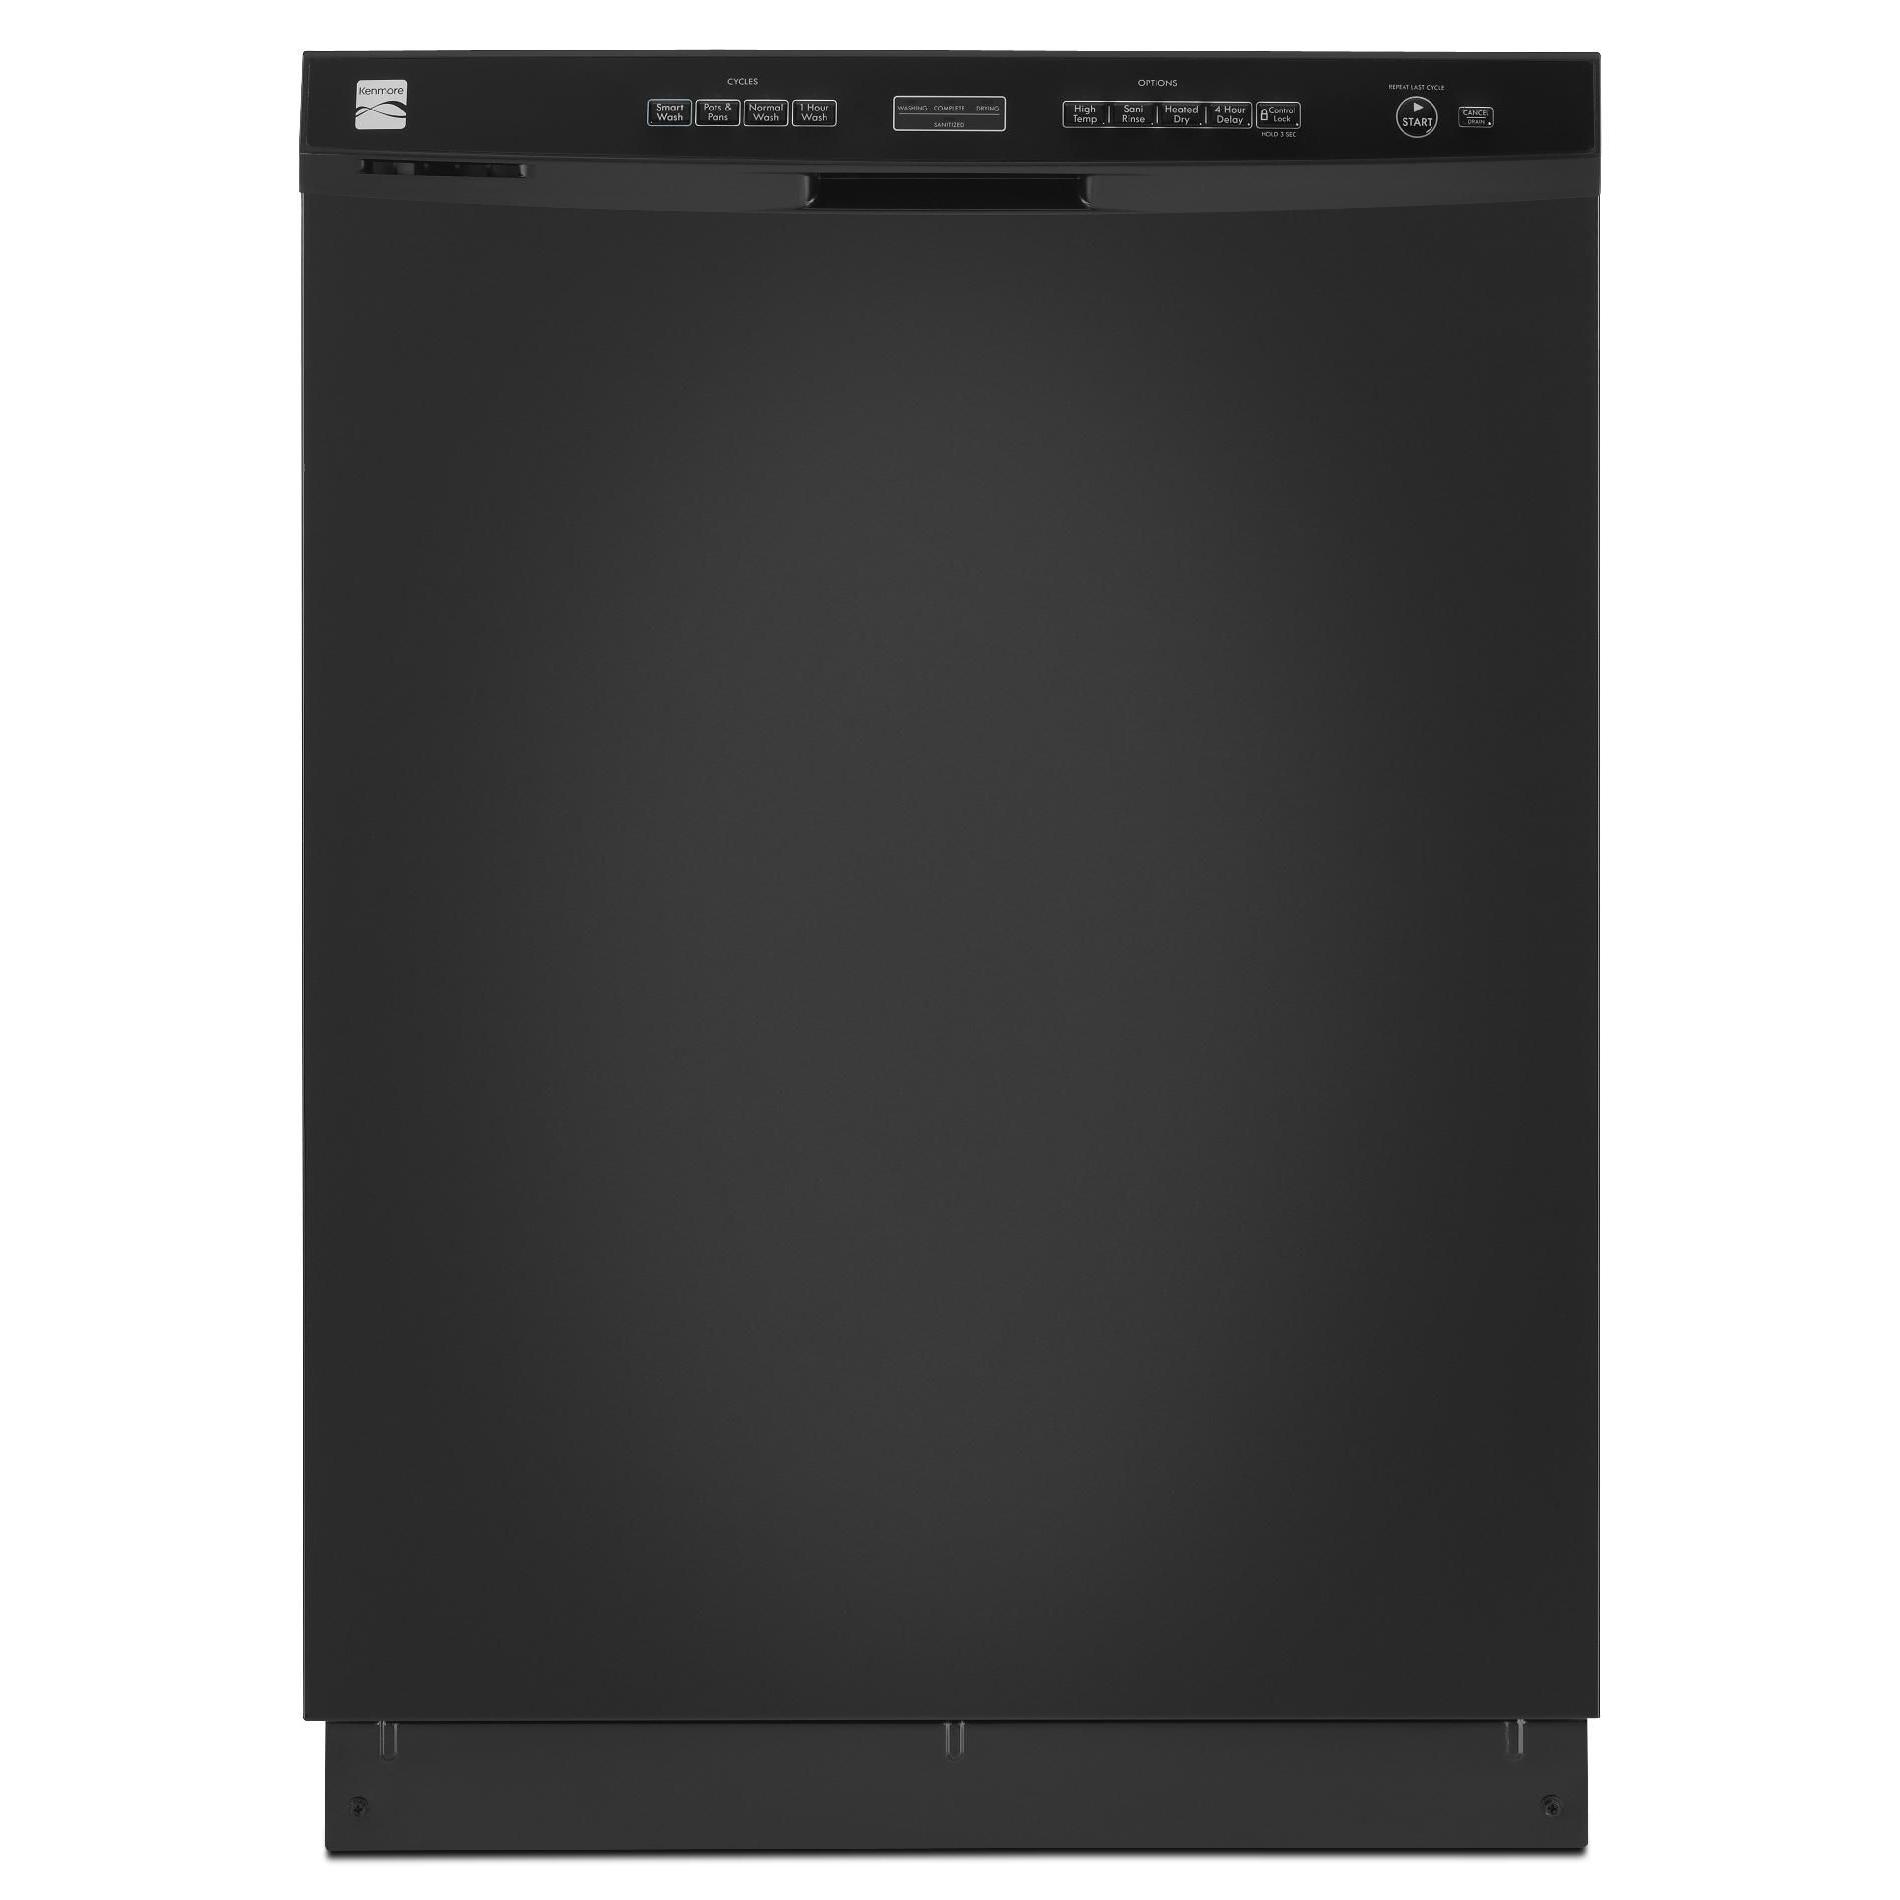 Kenmore 13039 24 Built In Dishwasher W Sani Rinse Trade Black